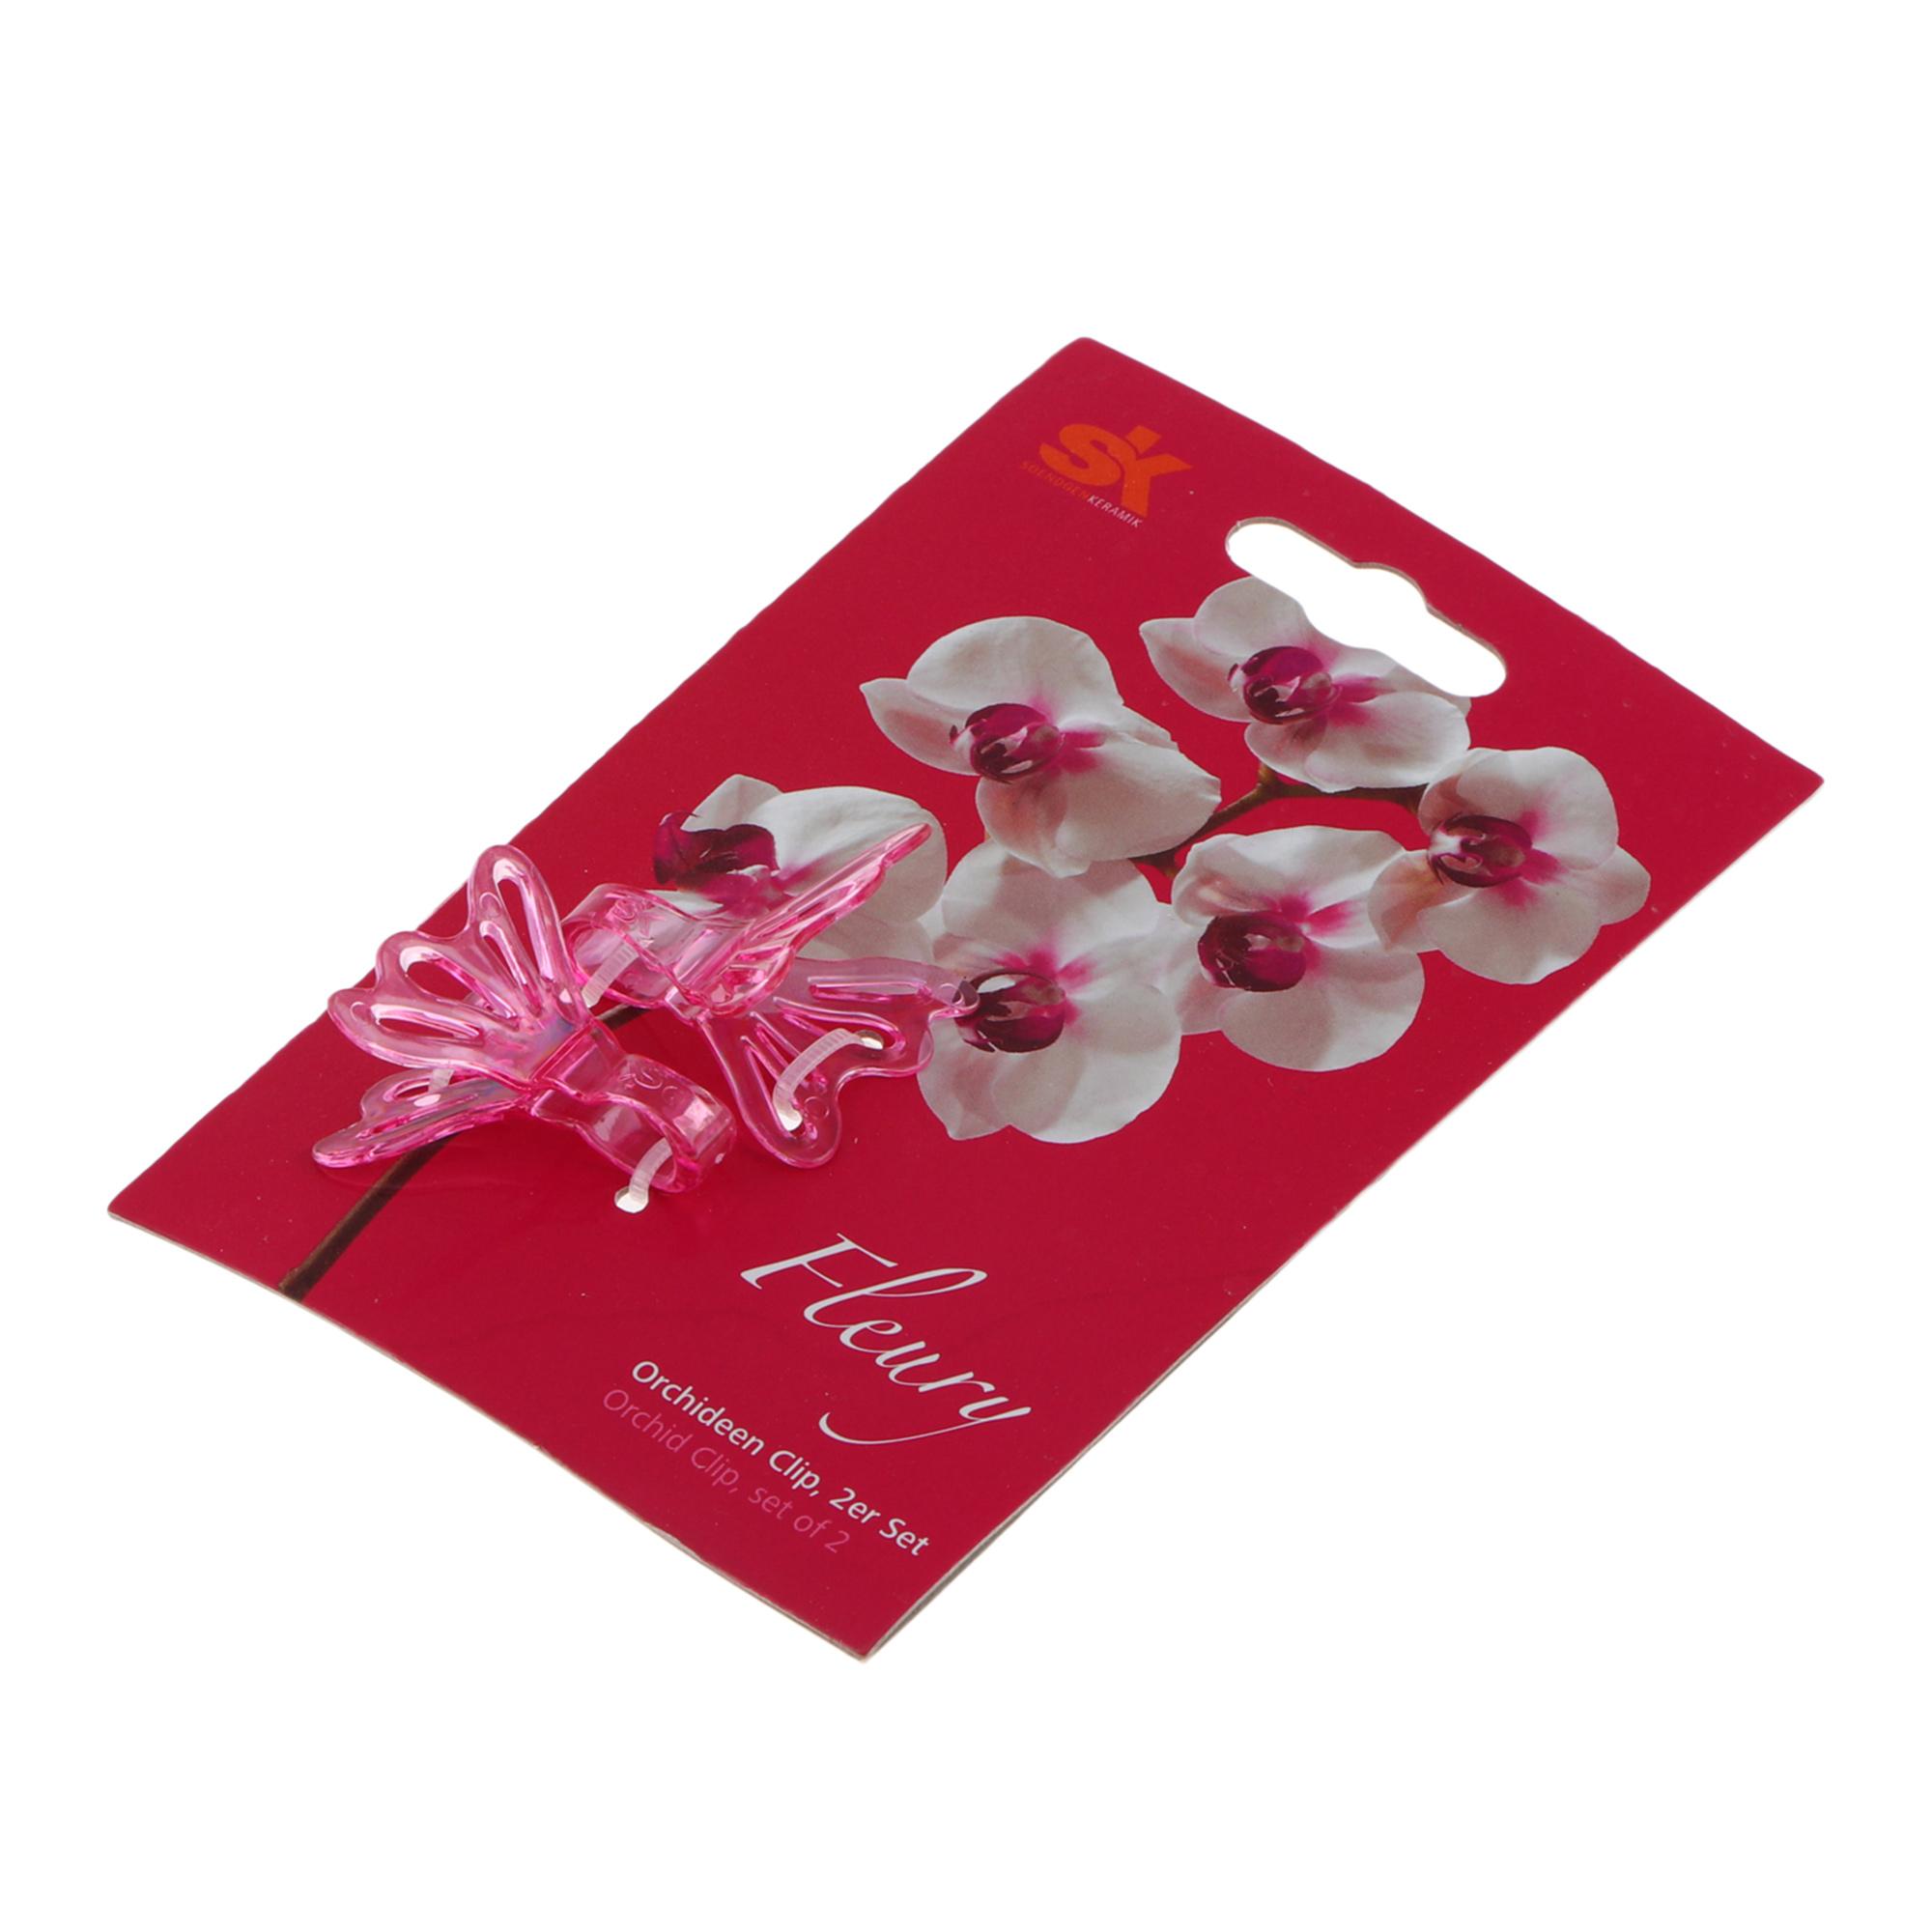 Фото - Клипсы для орхидей Soendgen fleury 2шт розовые бигуди розовые из высококачественного мягкого пластика 2шт уп